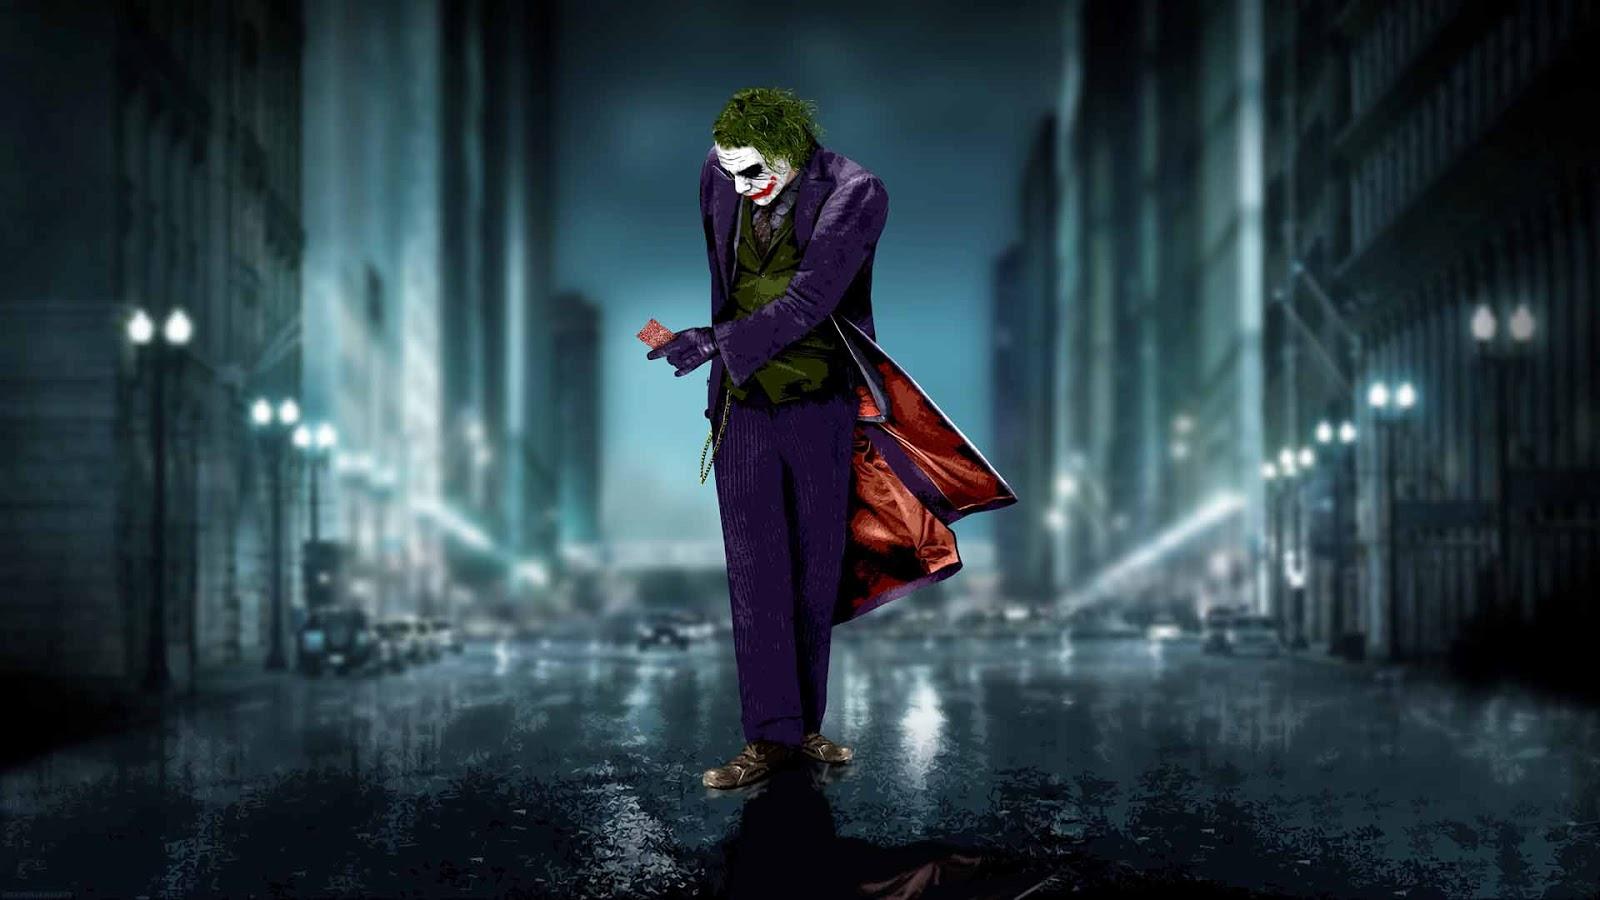 3d Joker Wallpapers Mikespike123